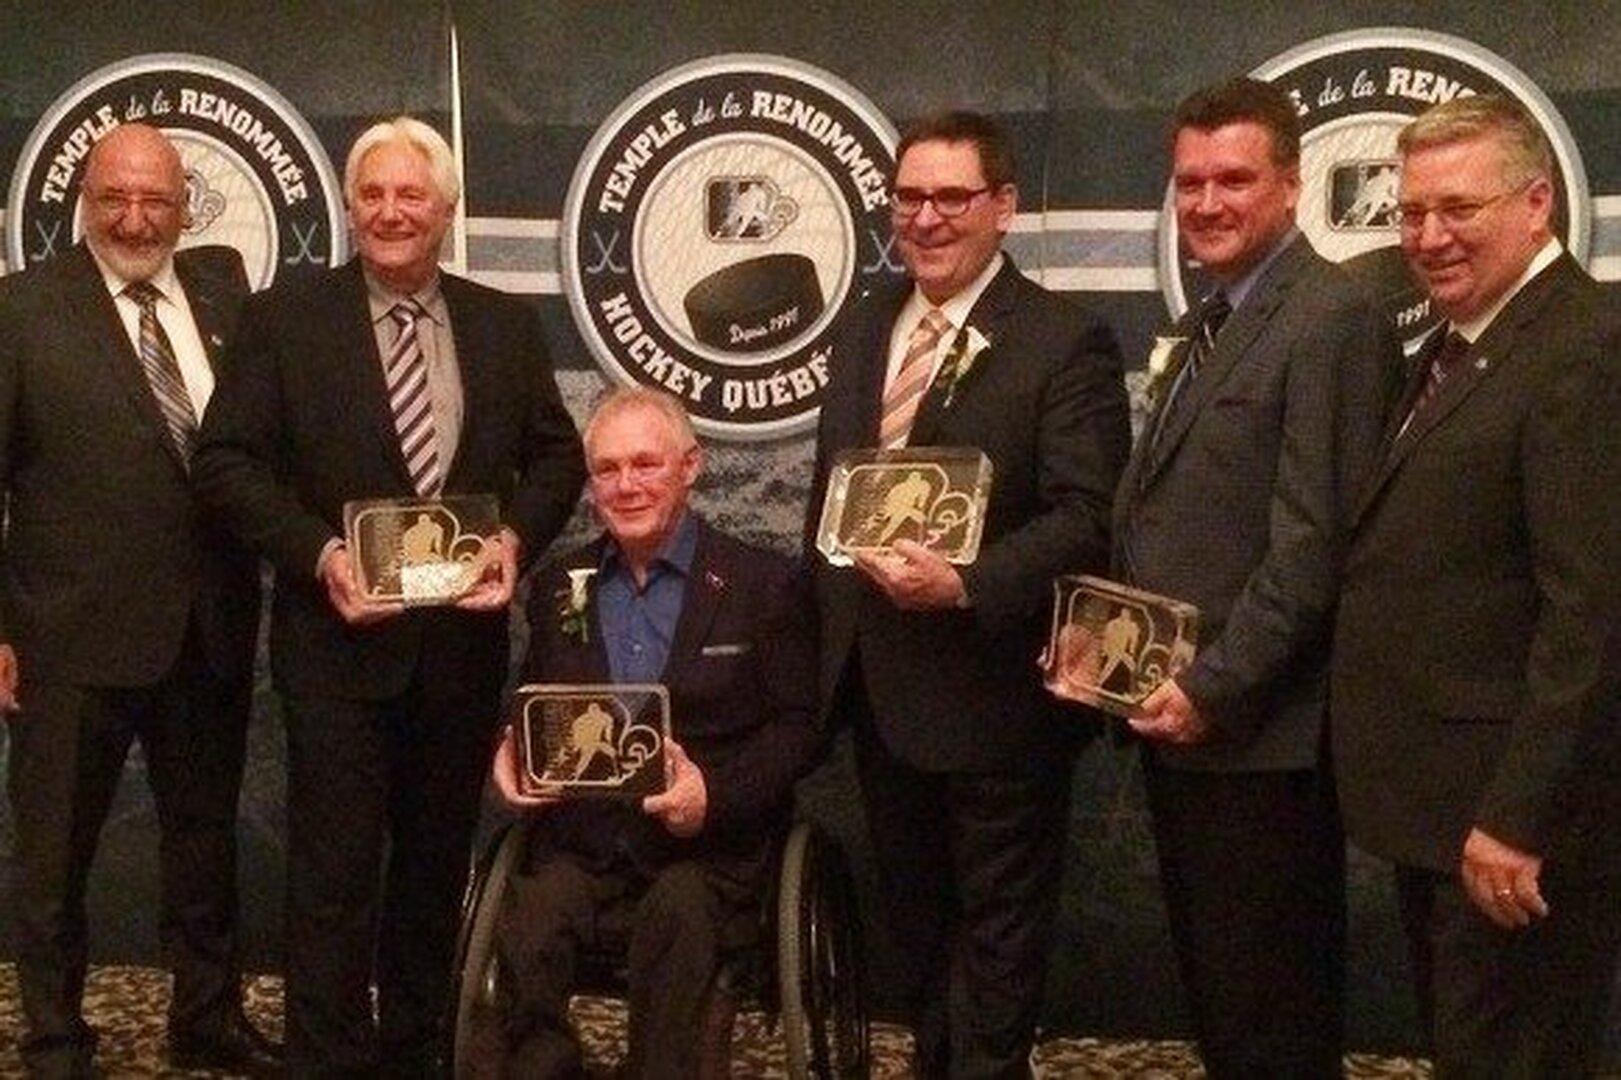 Le temple de la renommée du hockey québécois accueille quatre nouveaux intronisés en 2016